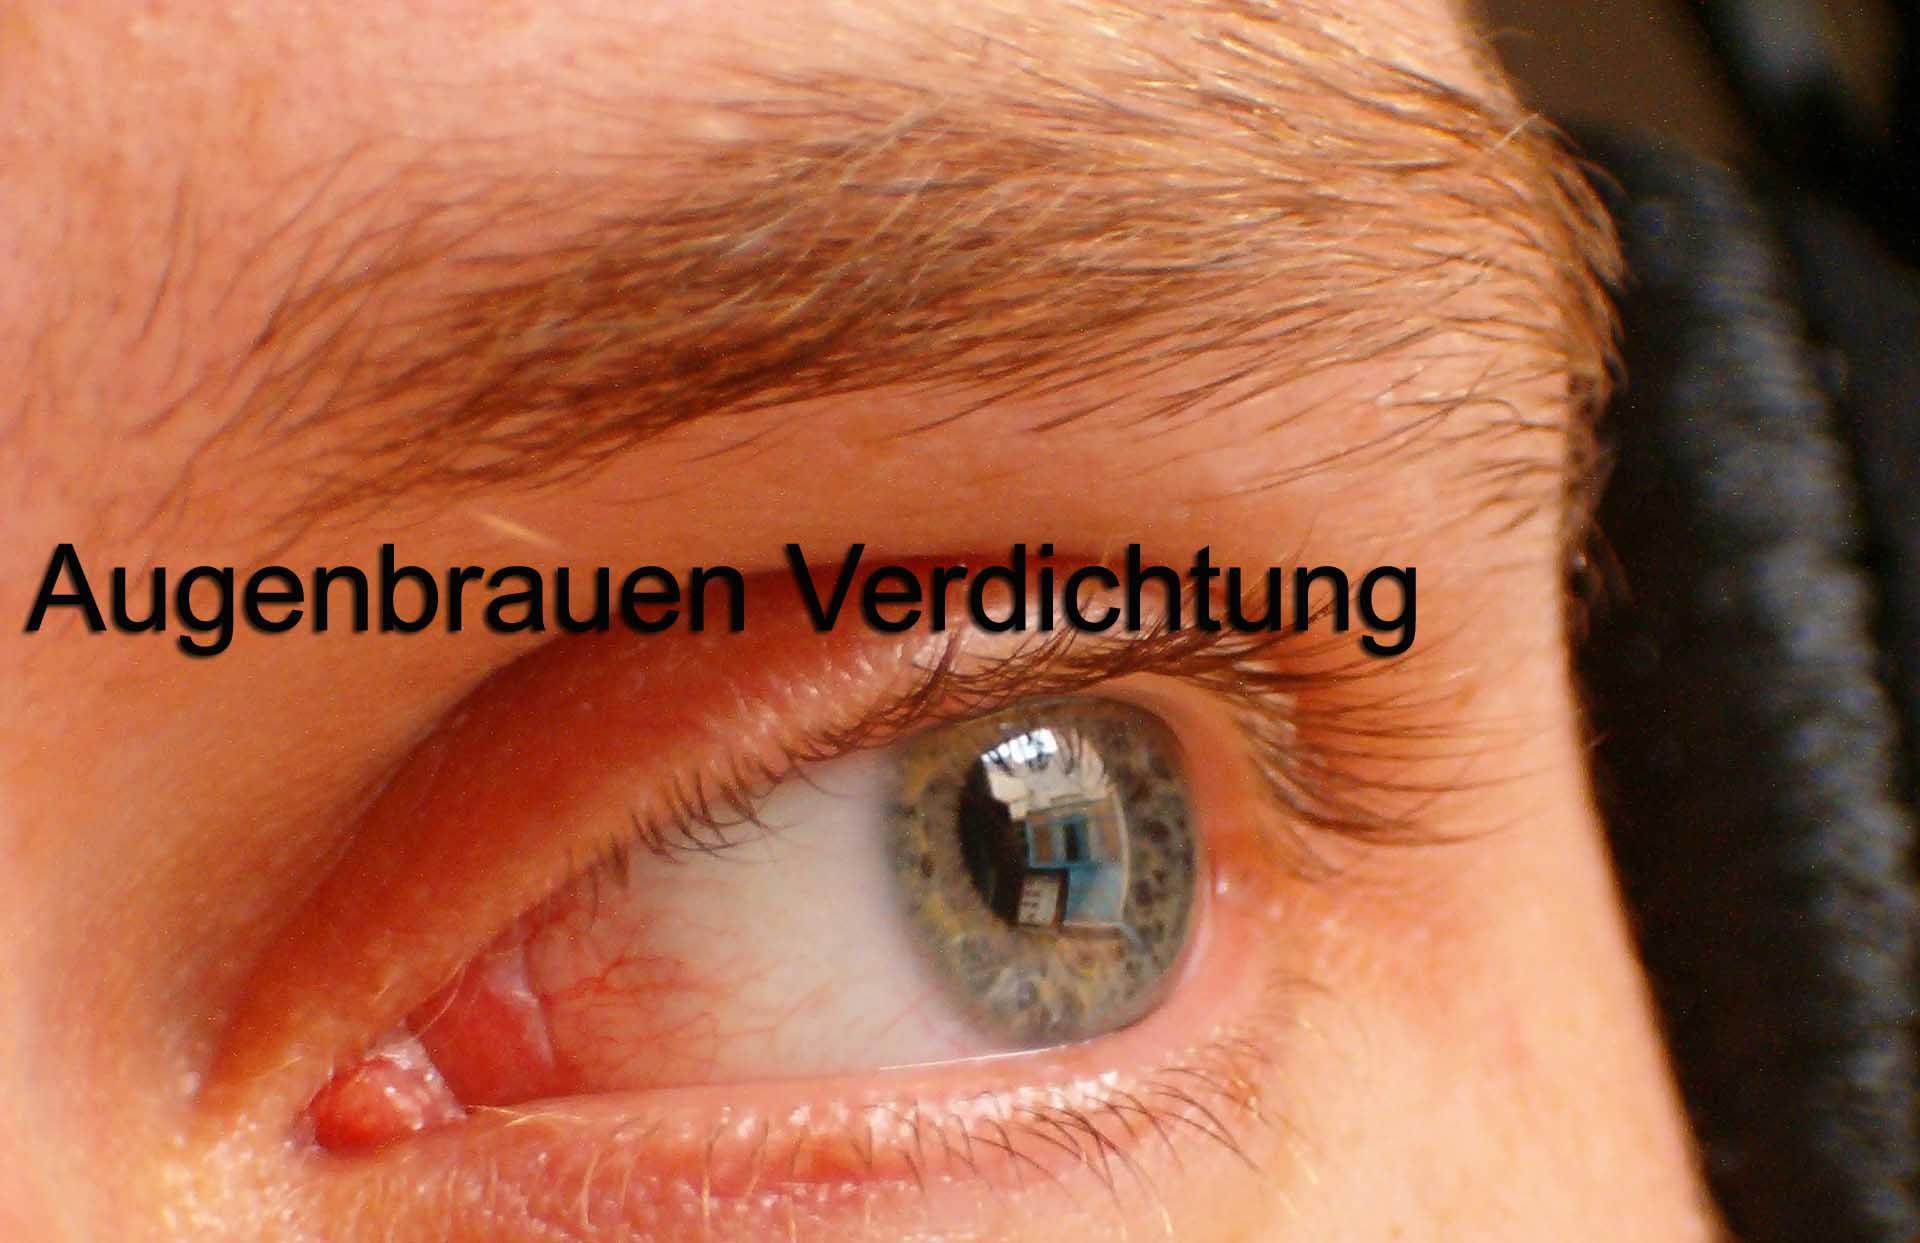 Augenbrauen Verdichtung